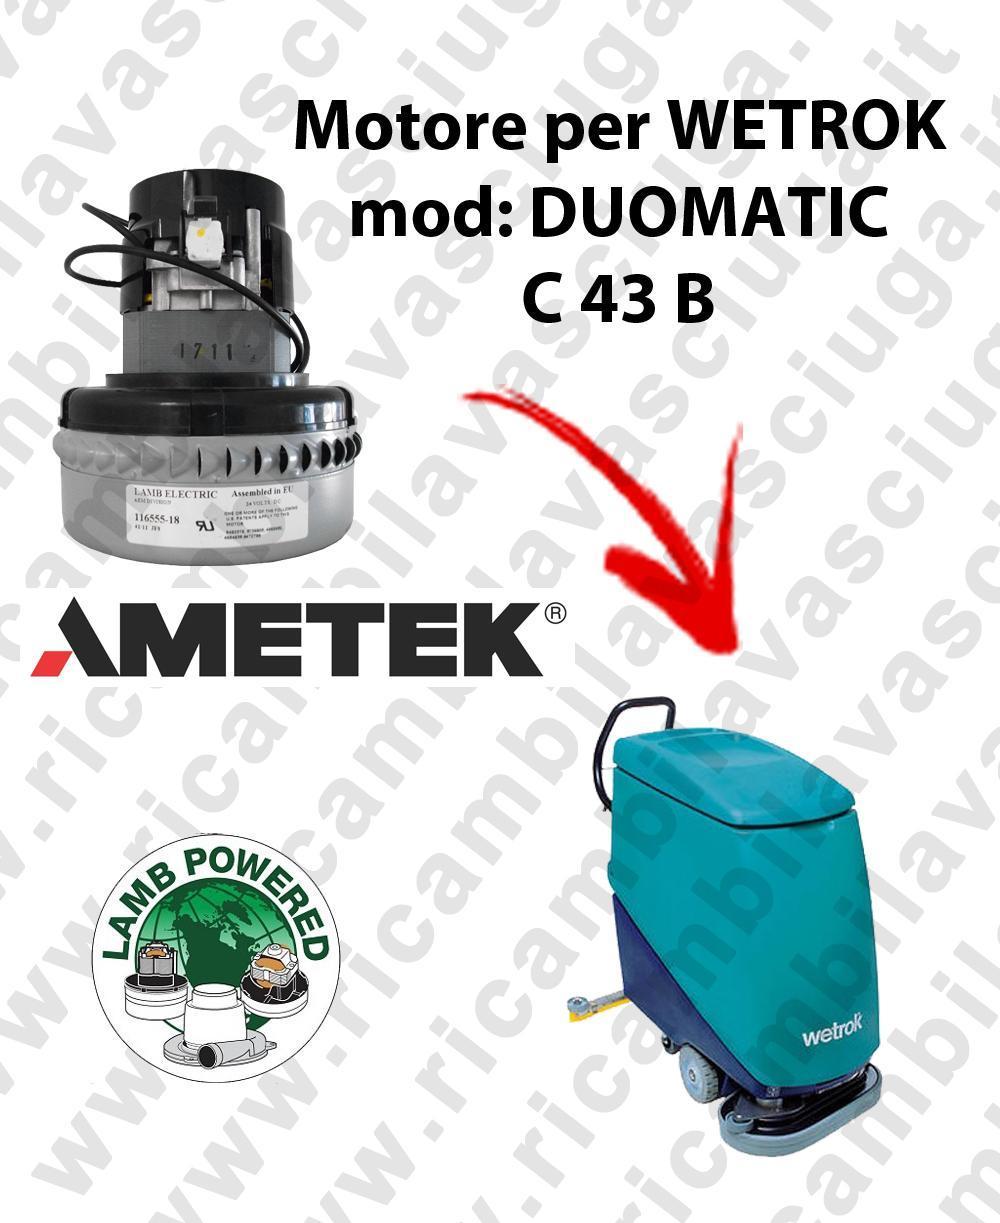 DUOMATIC C 43 B MOTEUR ASPIRATION LAMB AMATEK pour autolaveuses WETROK